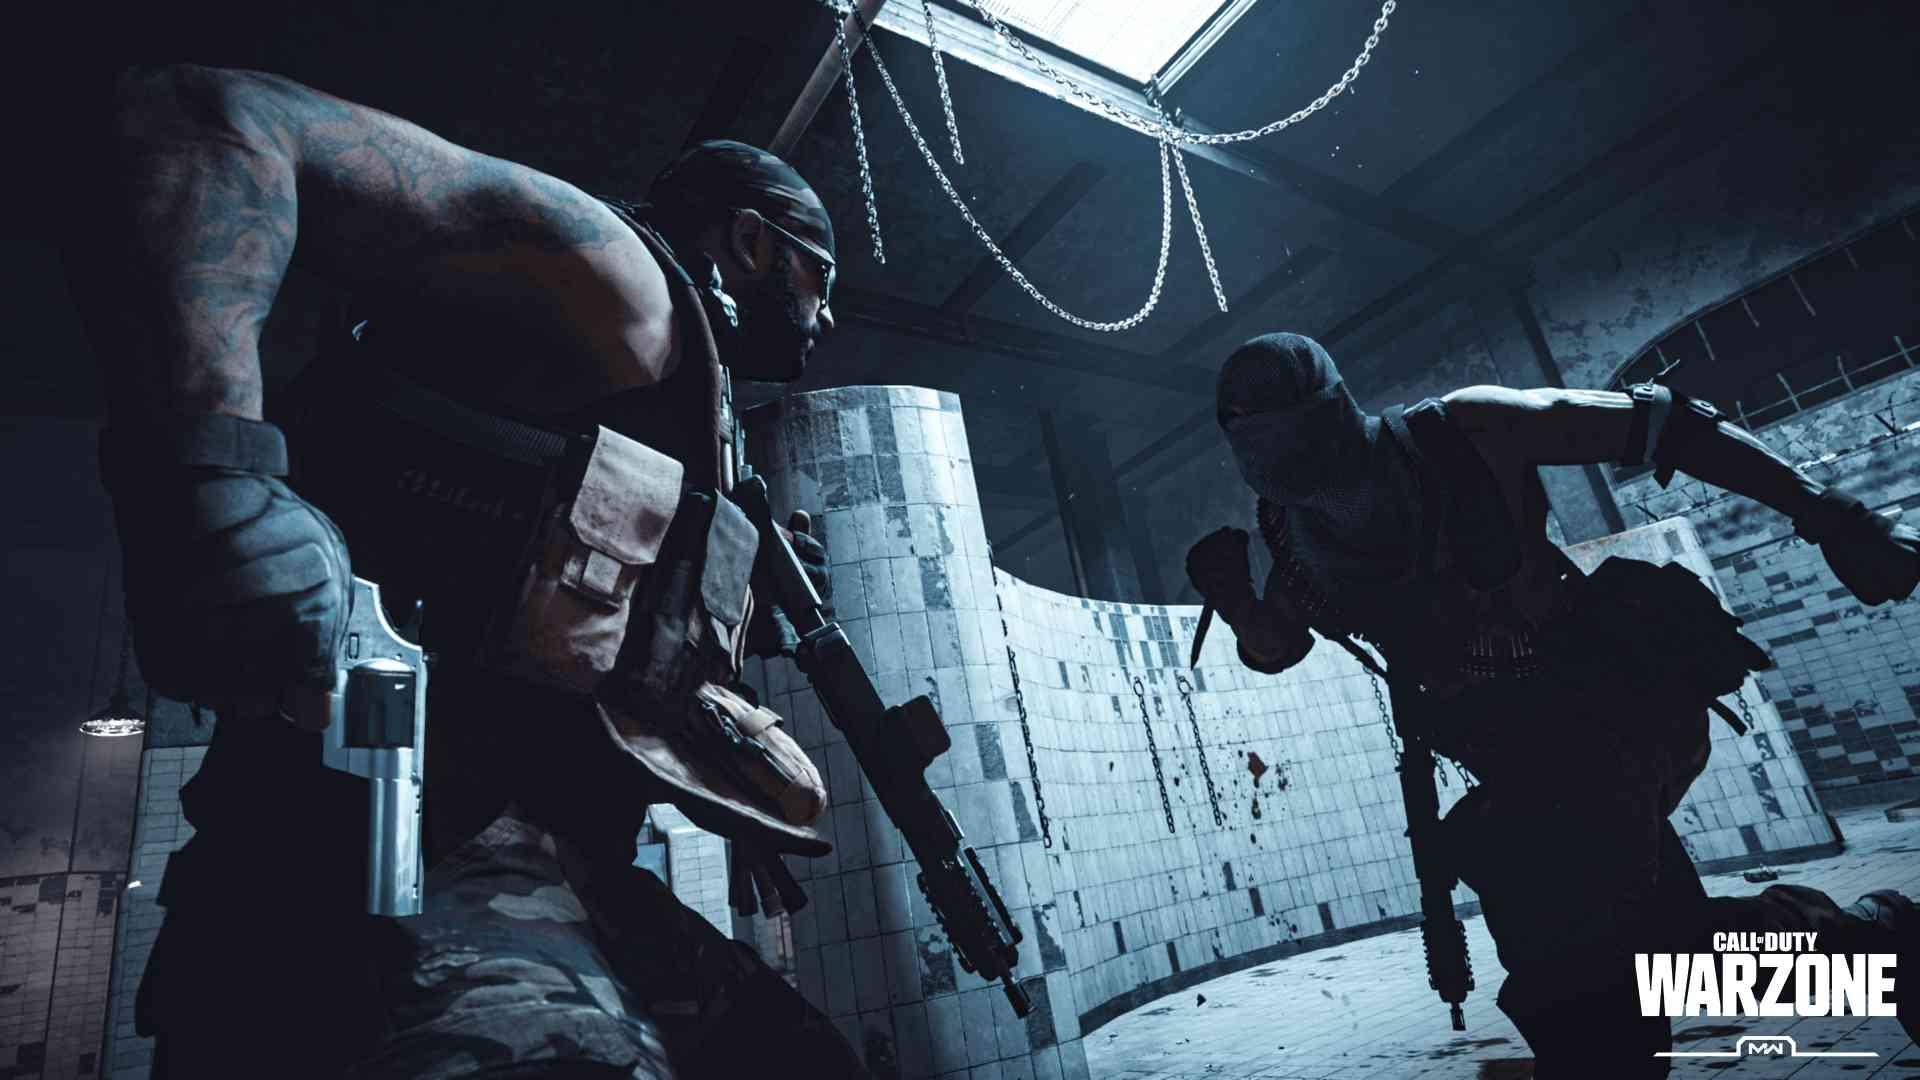 Ilustração promocional de Call of Duty Warzone mostrando dois soldados duelando na área chamada Gulag